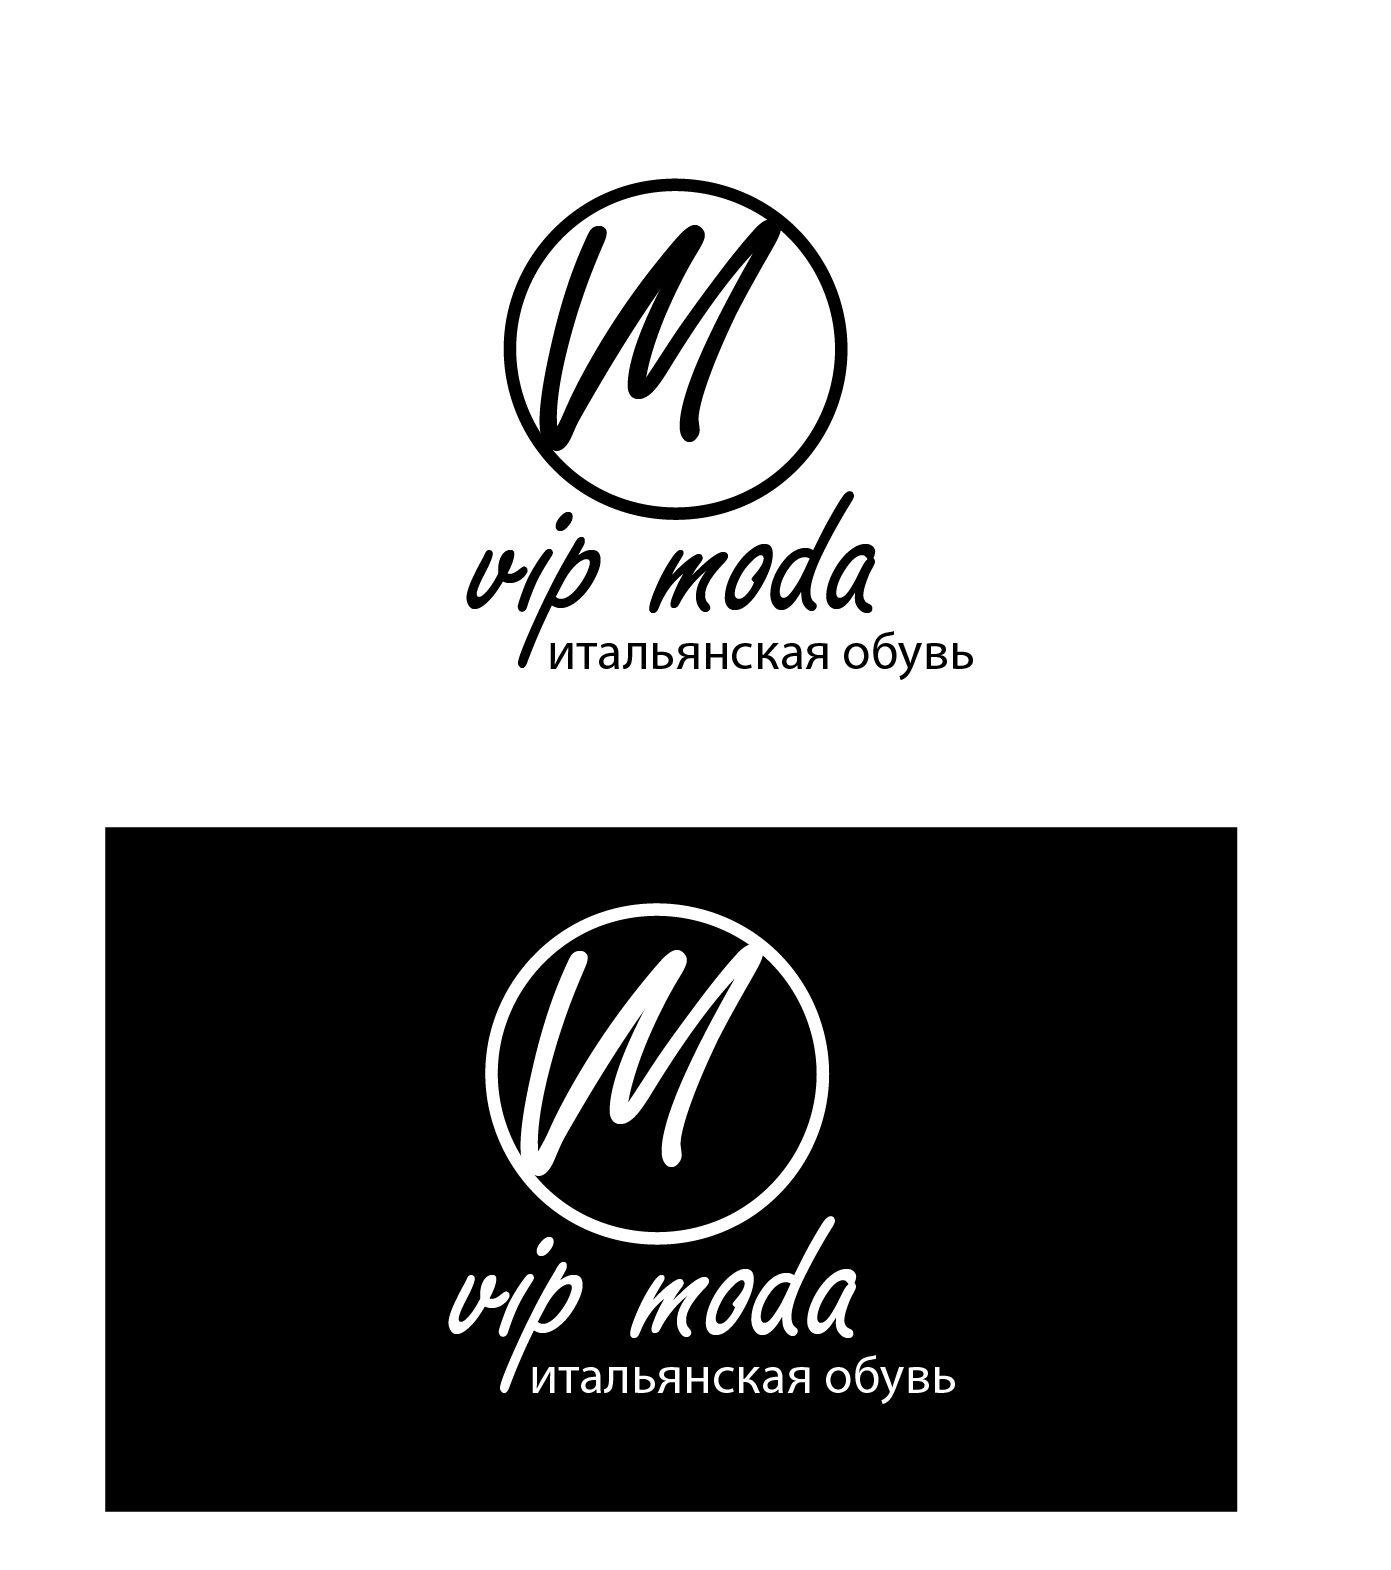 Лого и фирменный стиль компании ВИПМОДА  - дизайнер reno_22